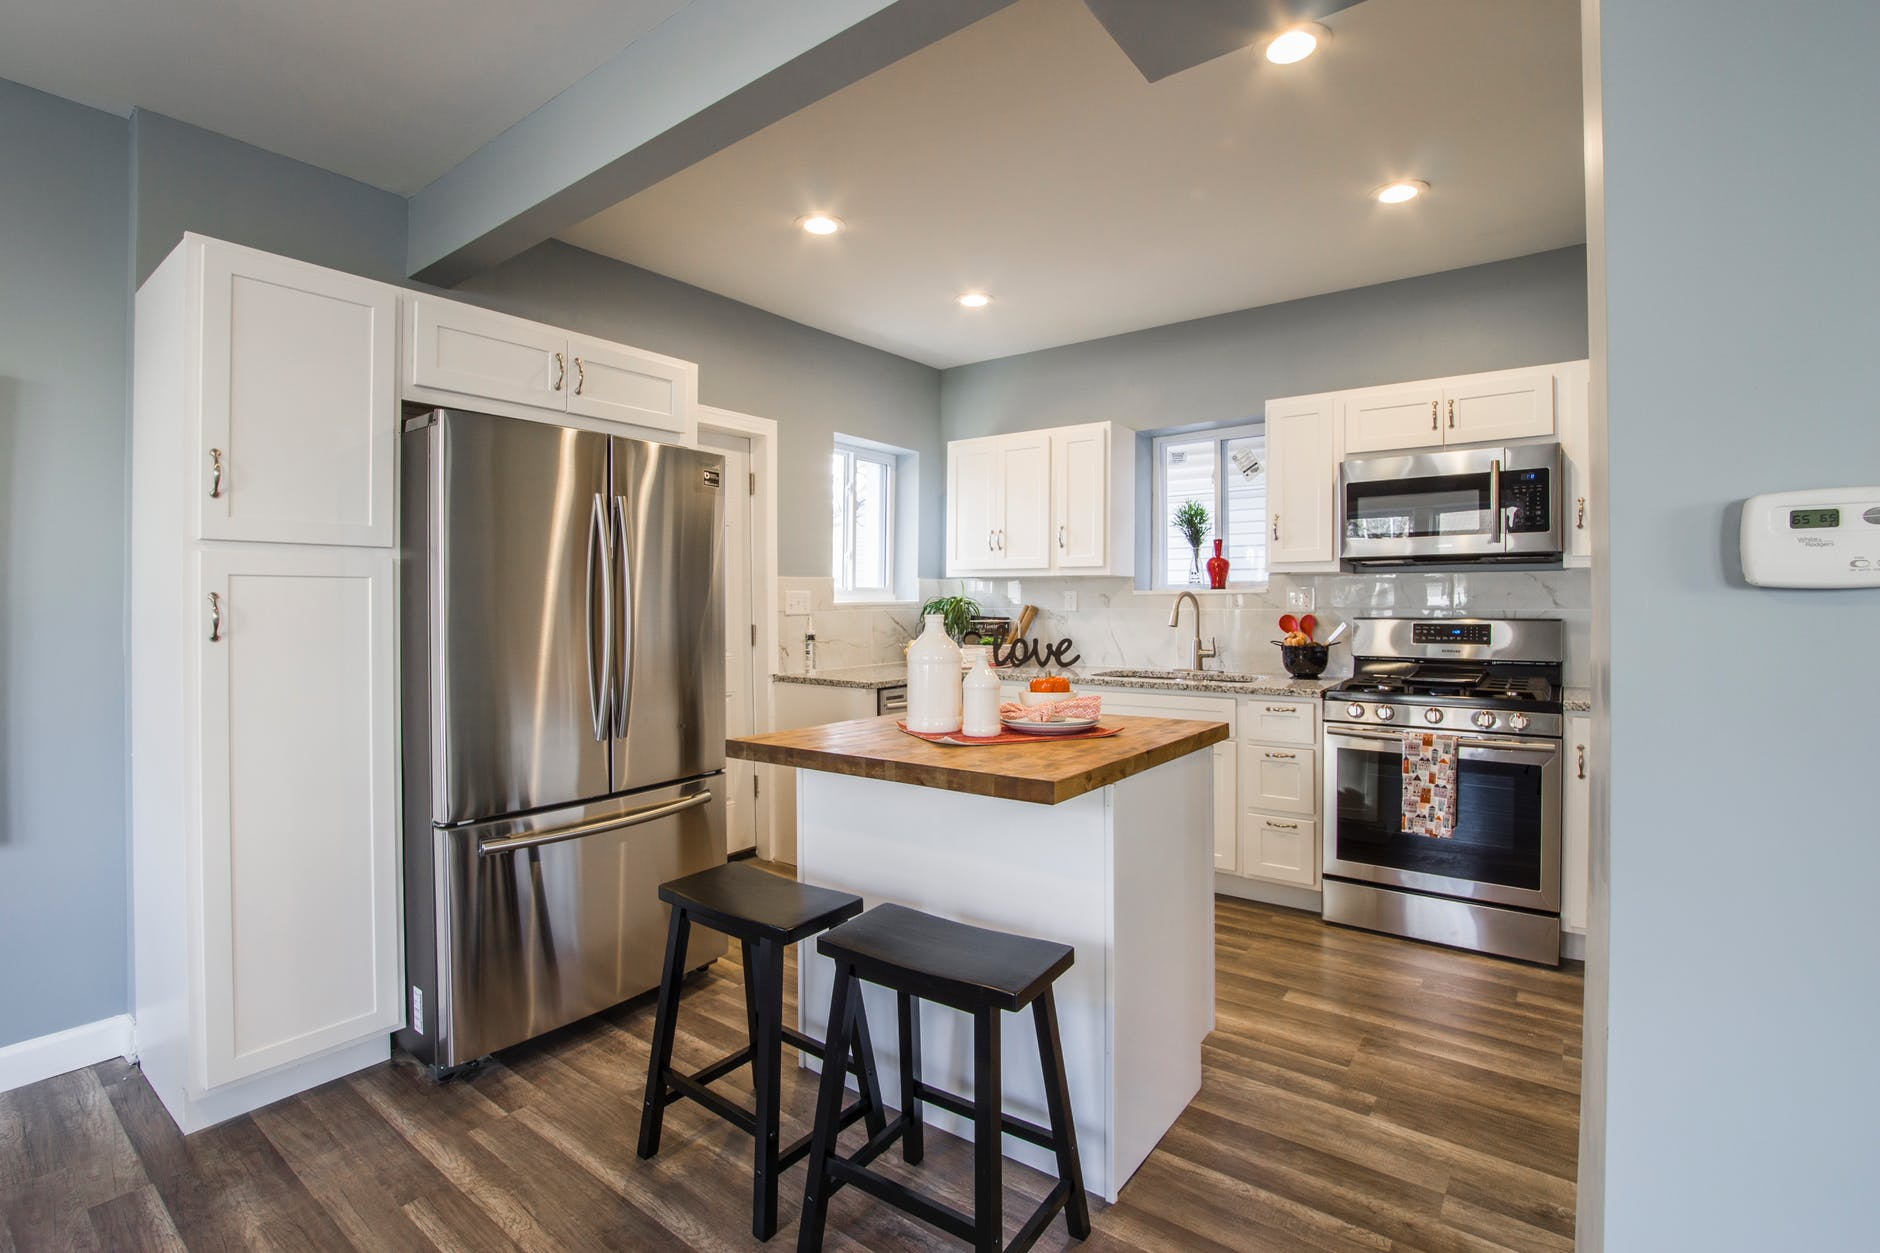 Stellar Kitchen & Cabinets 8